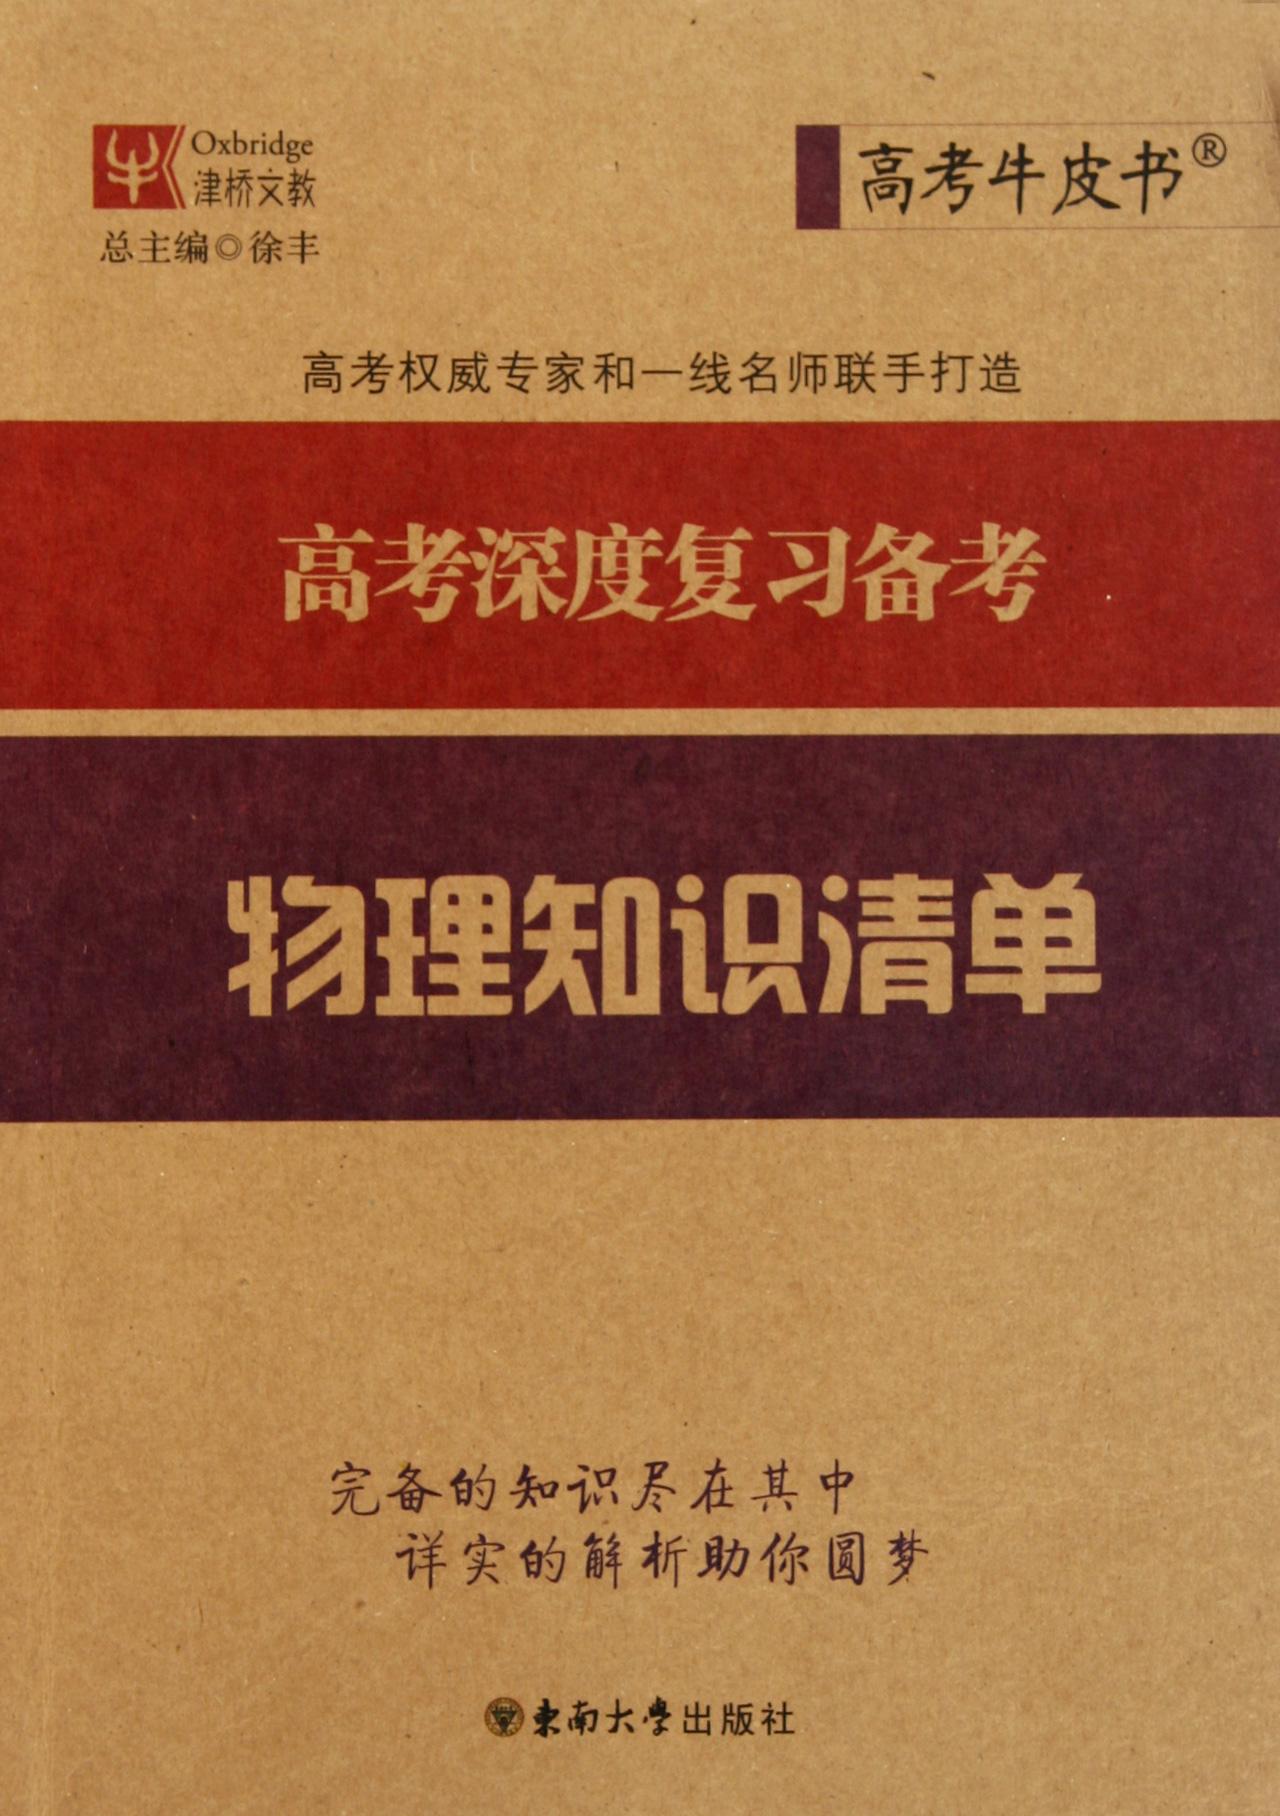 高考力学知识结构图